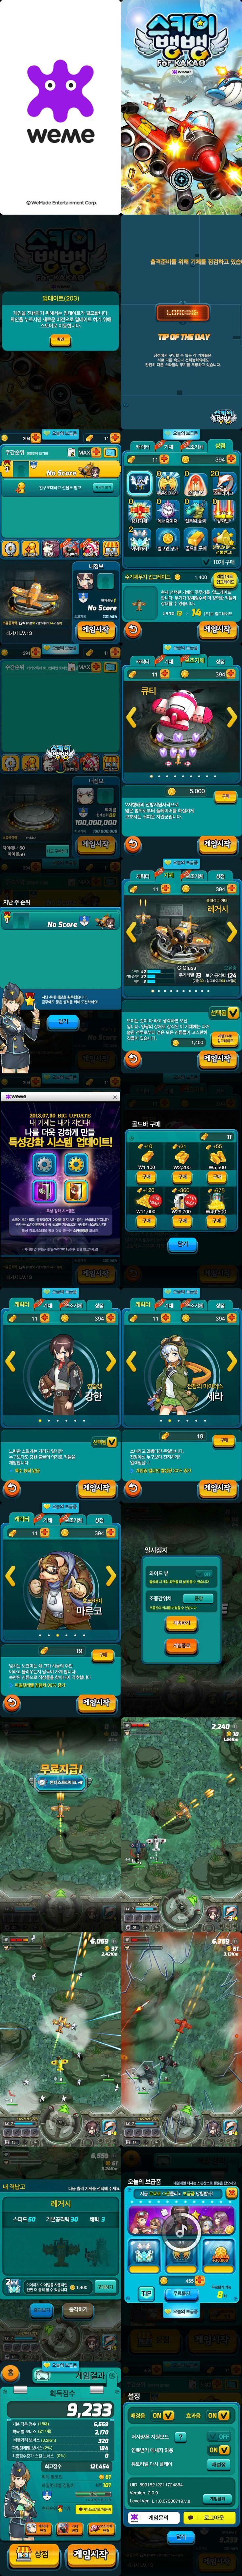 various screens